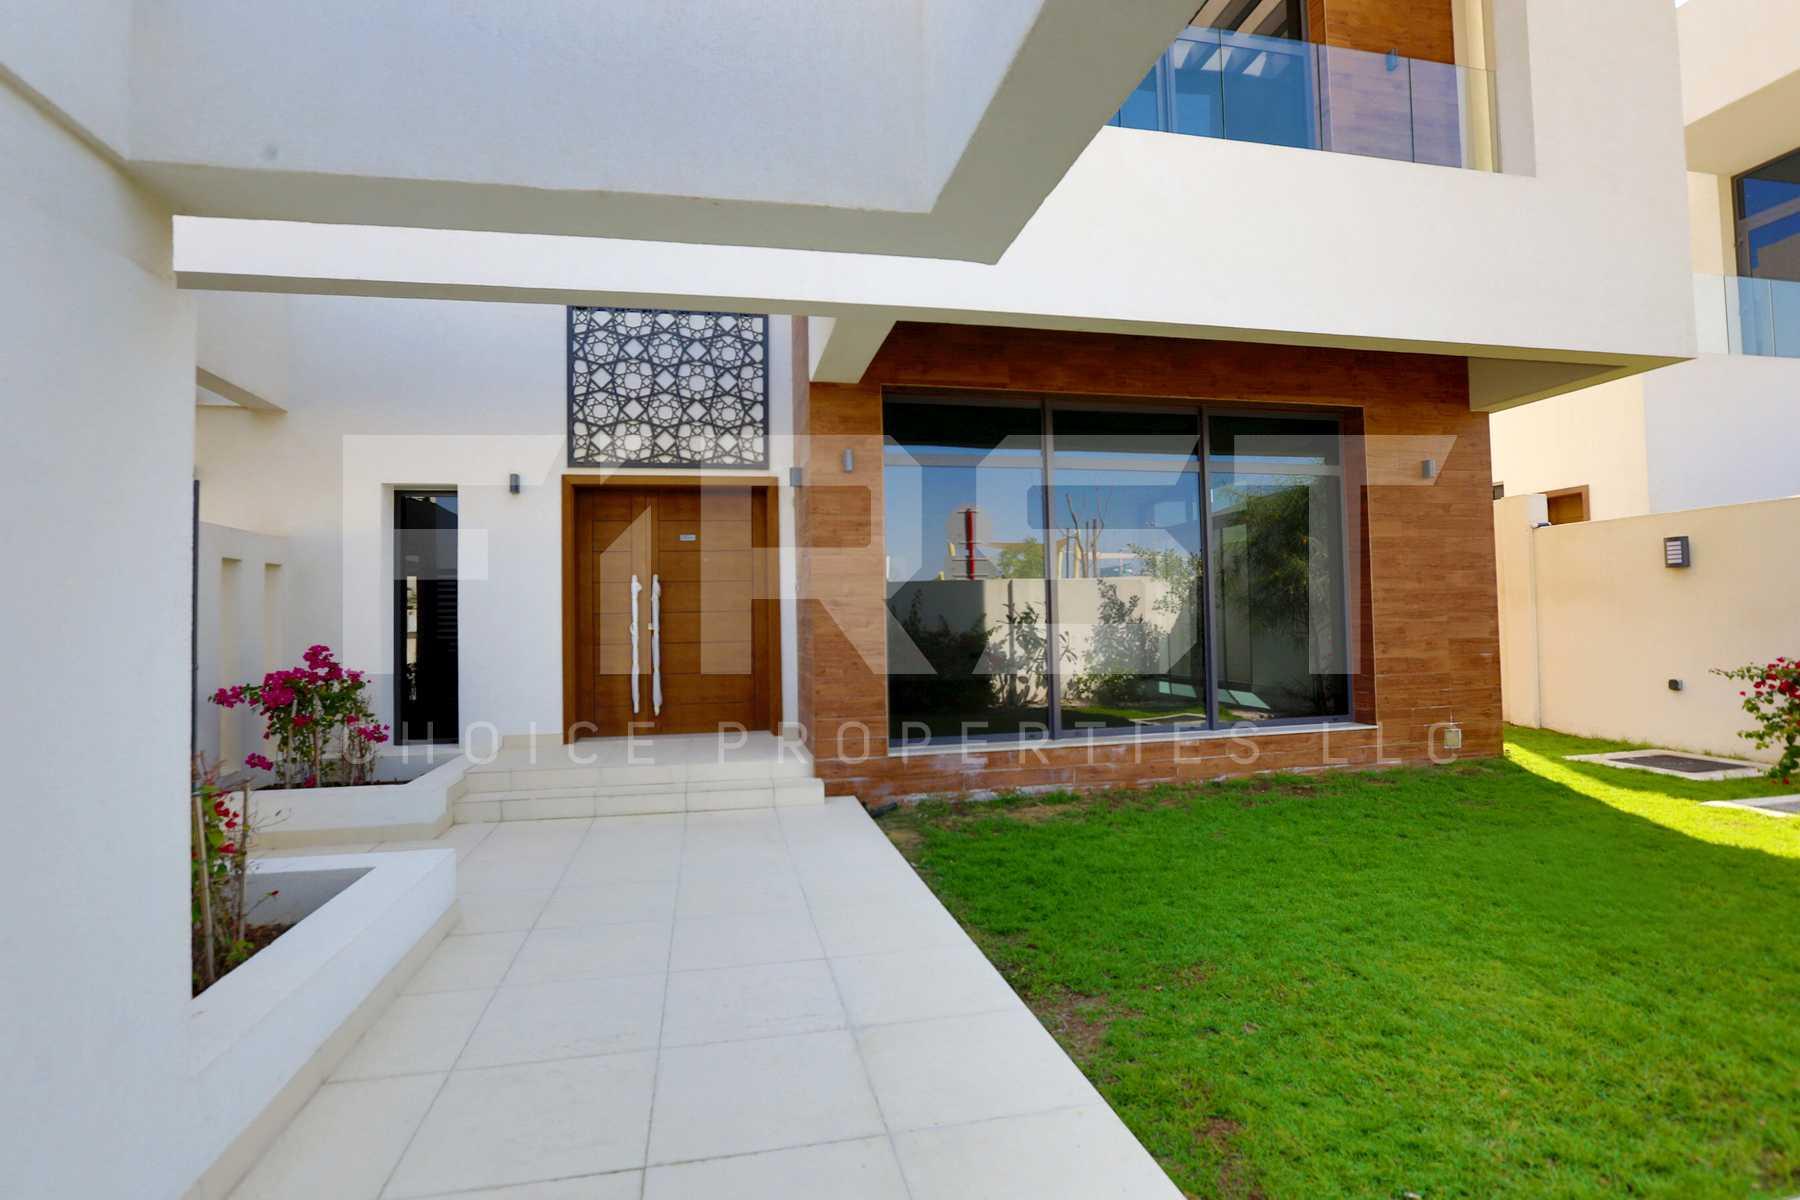 External Photo of 4 Bedroom Villa in West Yas Yas Island Abu Dhabi UAE (16).jpg